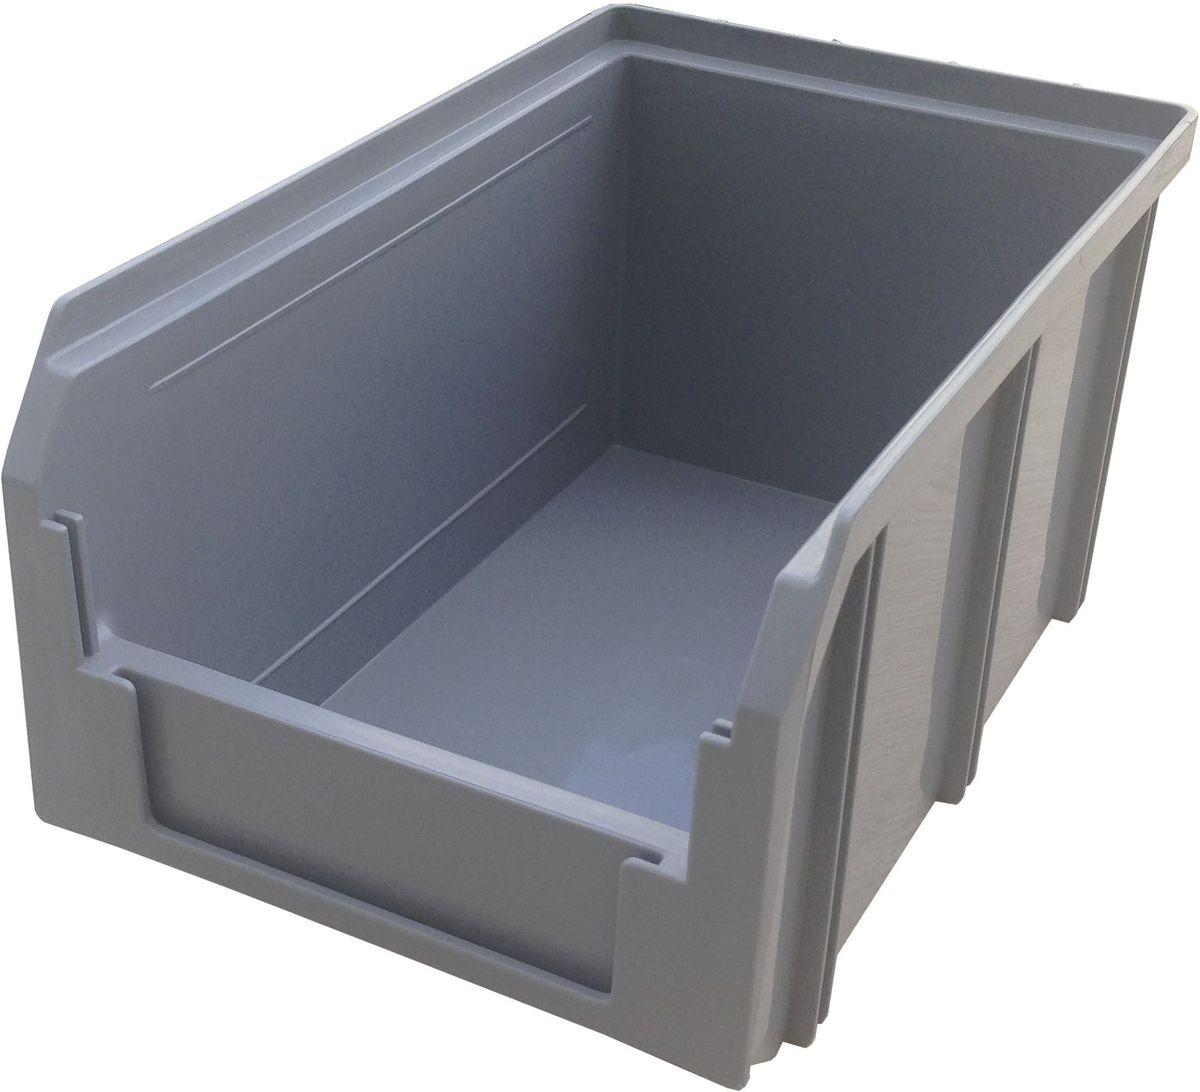 Ящик пластиковый Стелла V-2, цвет: серый, 23,4 х 14,9 х 12,1 смV-2 серыйПластиковый ящик Стелла V-2 применяется на складах для организации мест хранения для различных мелочей, например: деталей, заготовок, комплектующих, крепежа, запчастей и многого другого. Ящик отличается высоким уровнем износостойкости, он полностью выполнен из ударопрочного пластика. Для быстрой идентификации нужного ящика в передней стенке предусмотрен карман для ярлыка с описанием содержимого.Особенности:Объем: 3,8 л. Возможность штабелирования контейнеров друг на друга. Удобные рукоятки. Наличие зацепа для размещения на стойке.